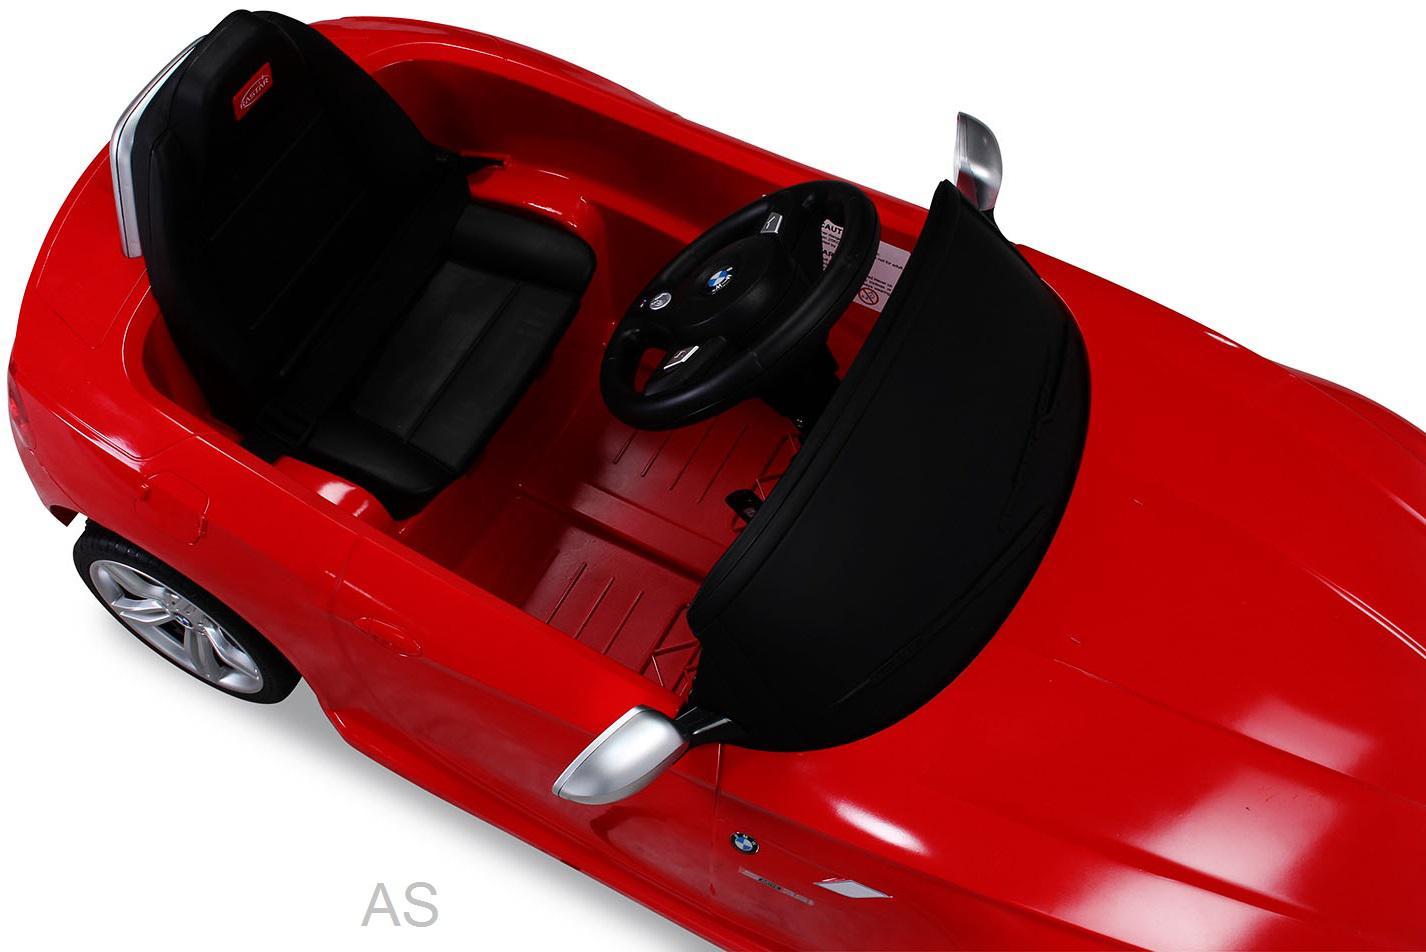 allstars kinderauto elektroauto bmw z4 rot lizenz sportwagen mit fernbedienung kaufen bei euro. Black Bedroom Furniture Sets. Home Design Ideas